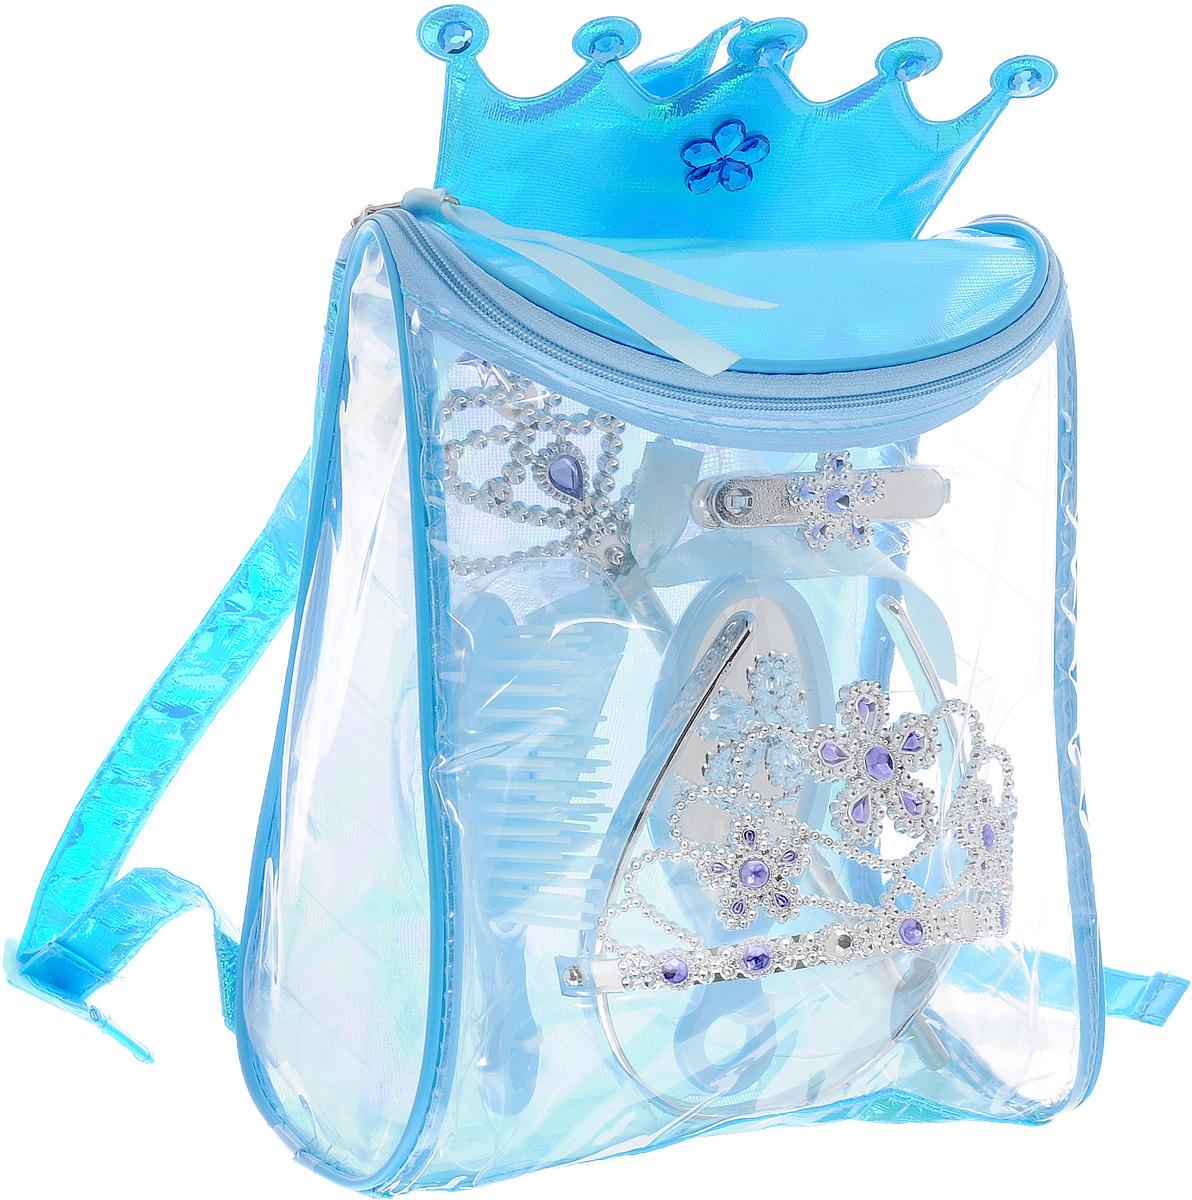 Boley Игровой набор Fantasy Girls Рюкзачок с аксессуарами цвет голубой аксессуары для кукол boley игрушка boley корона серия холодное сердце